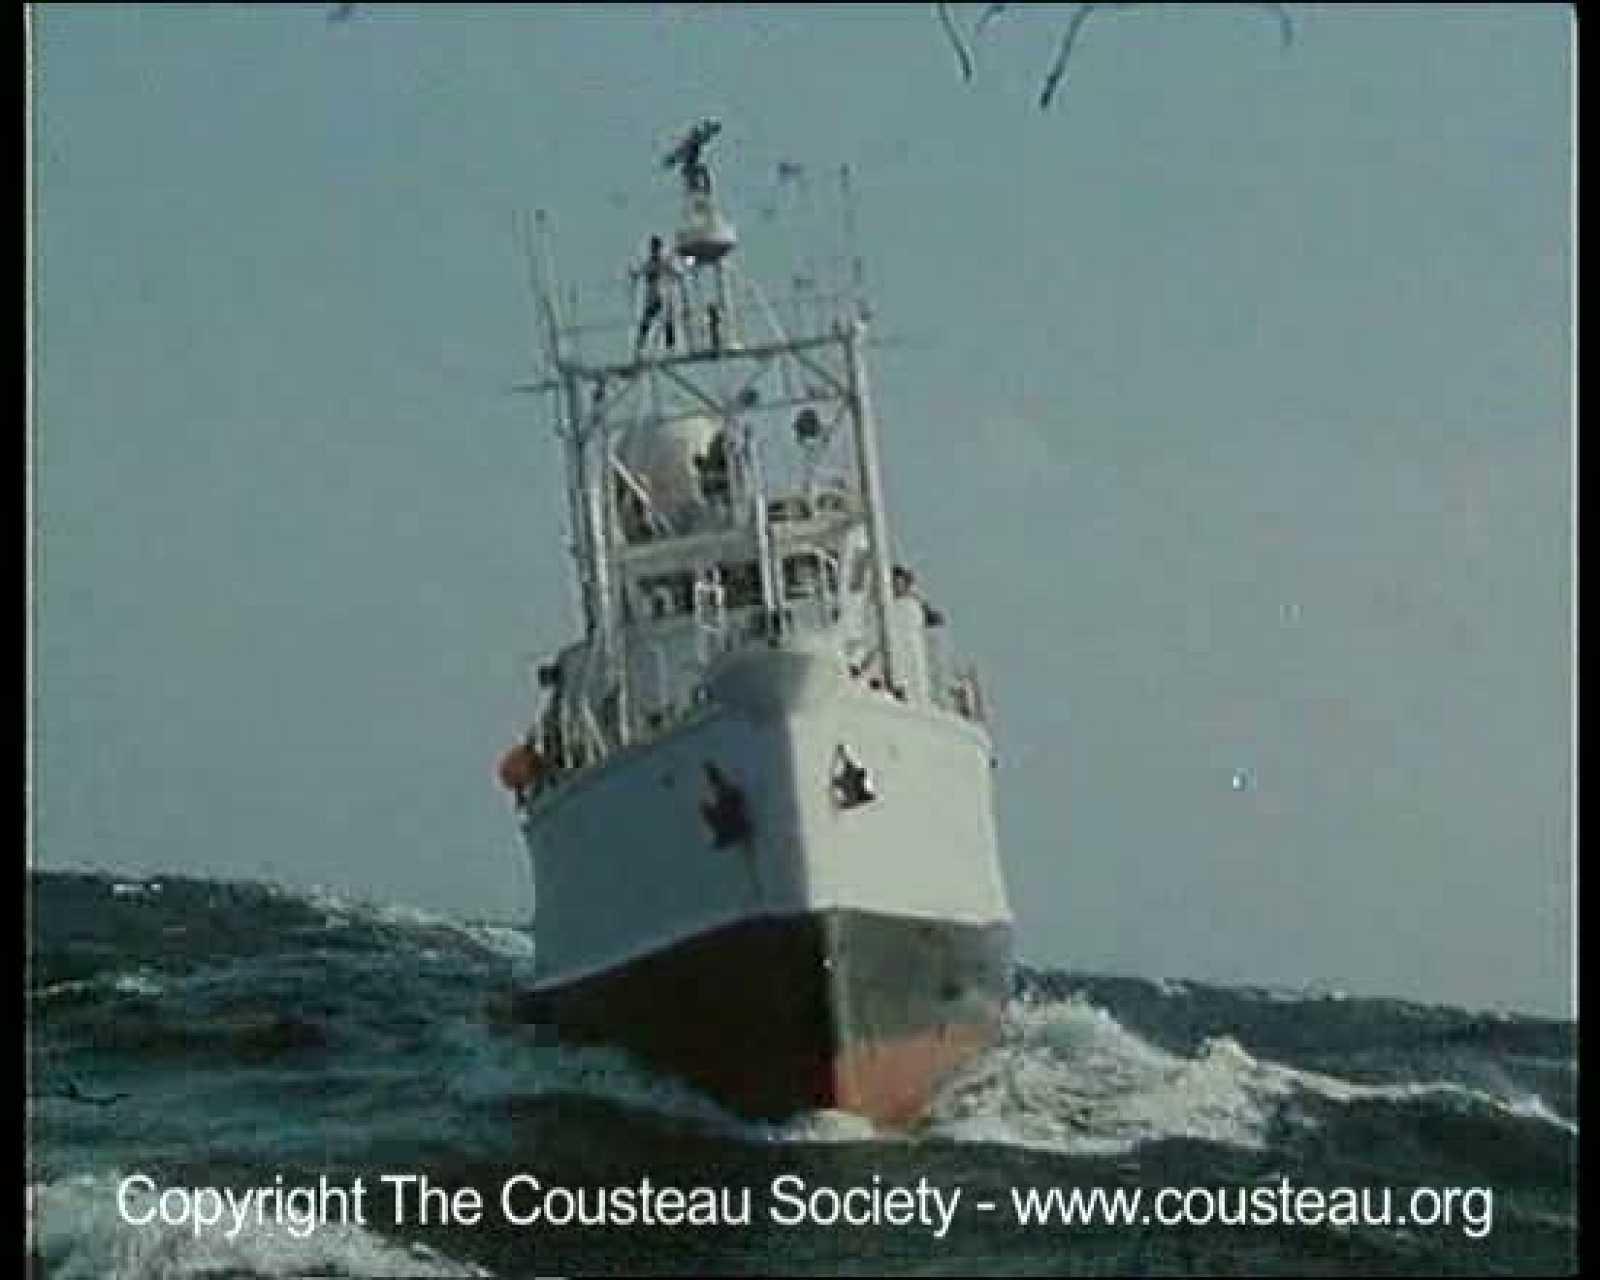 El 'Calypso', uno de los barcos míticos de las expediciones del capitán Cousteau